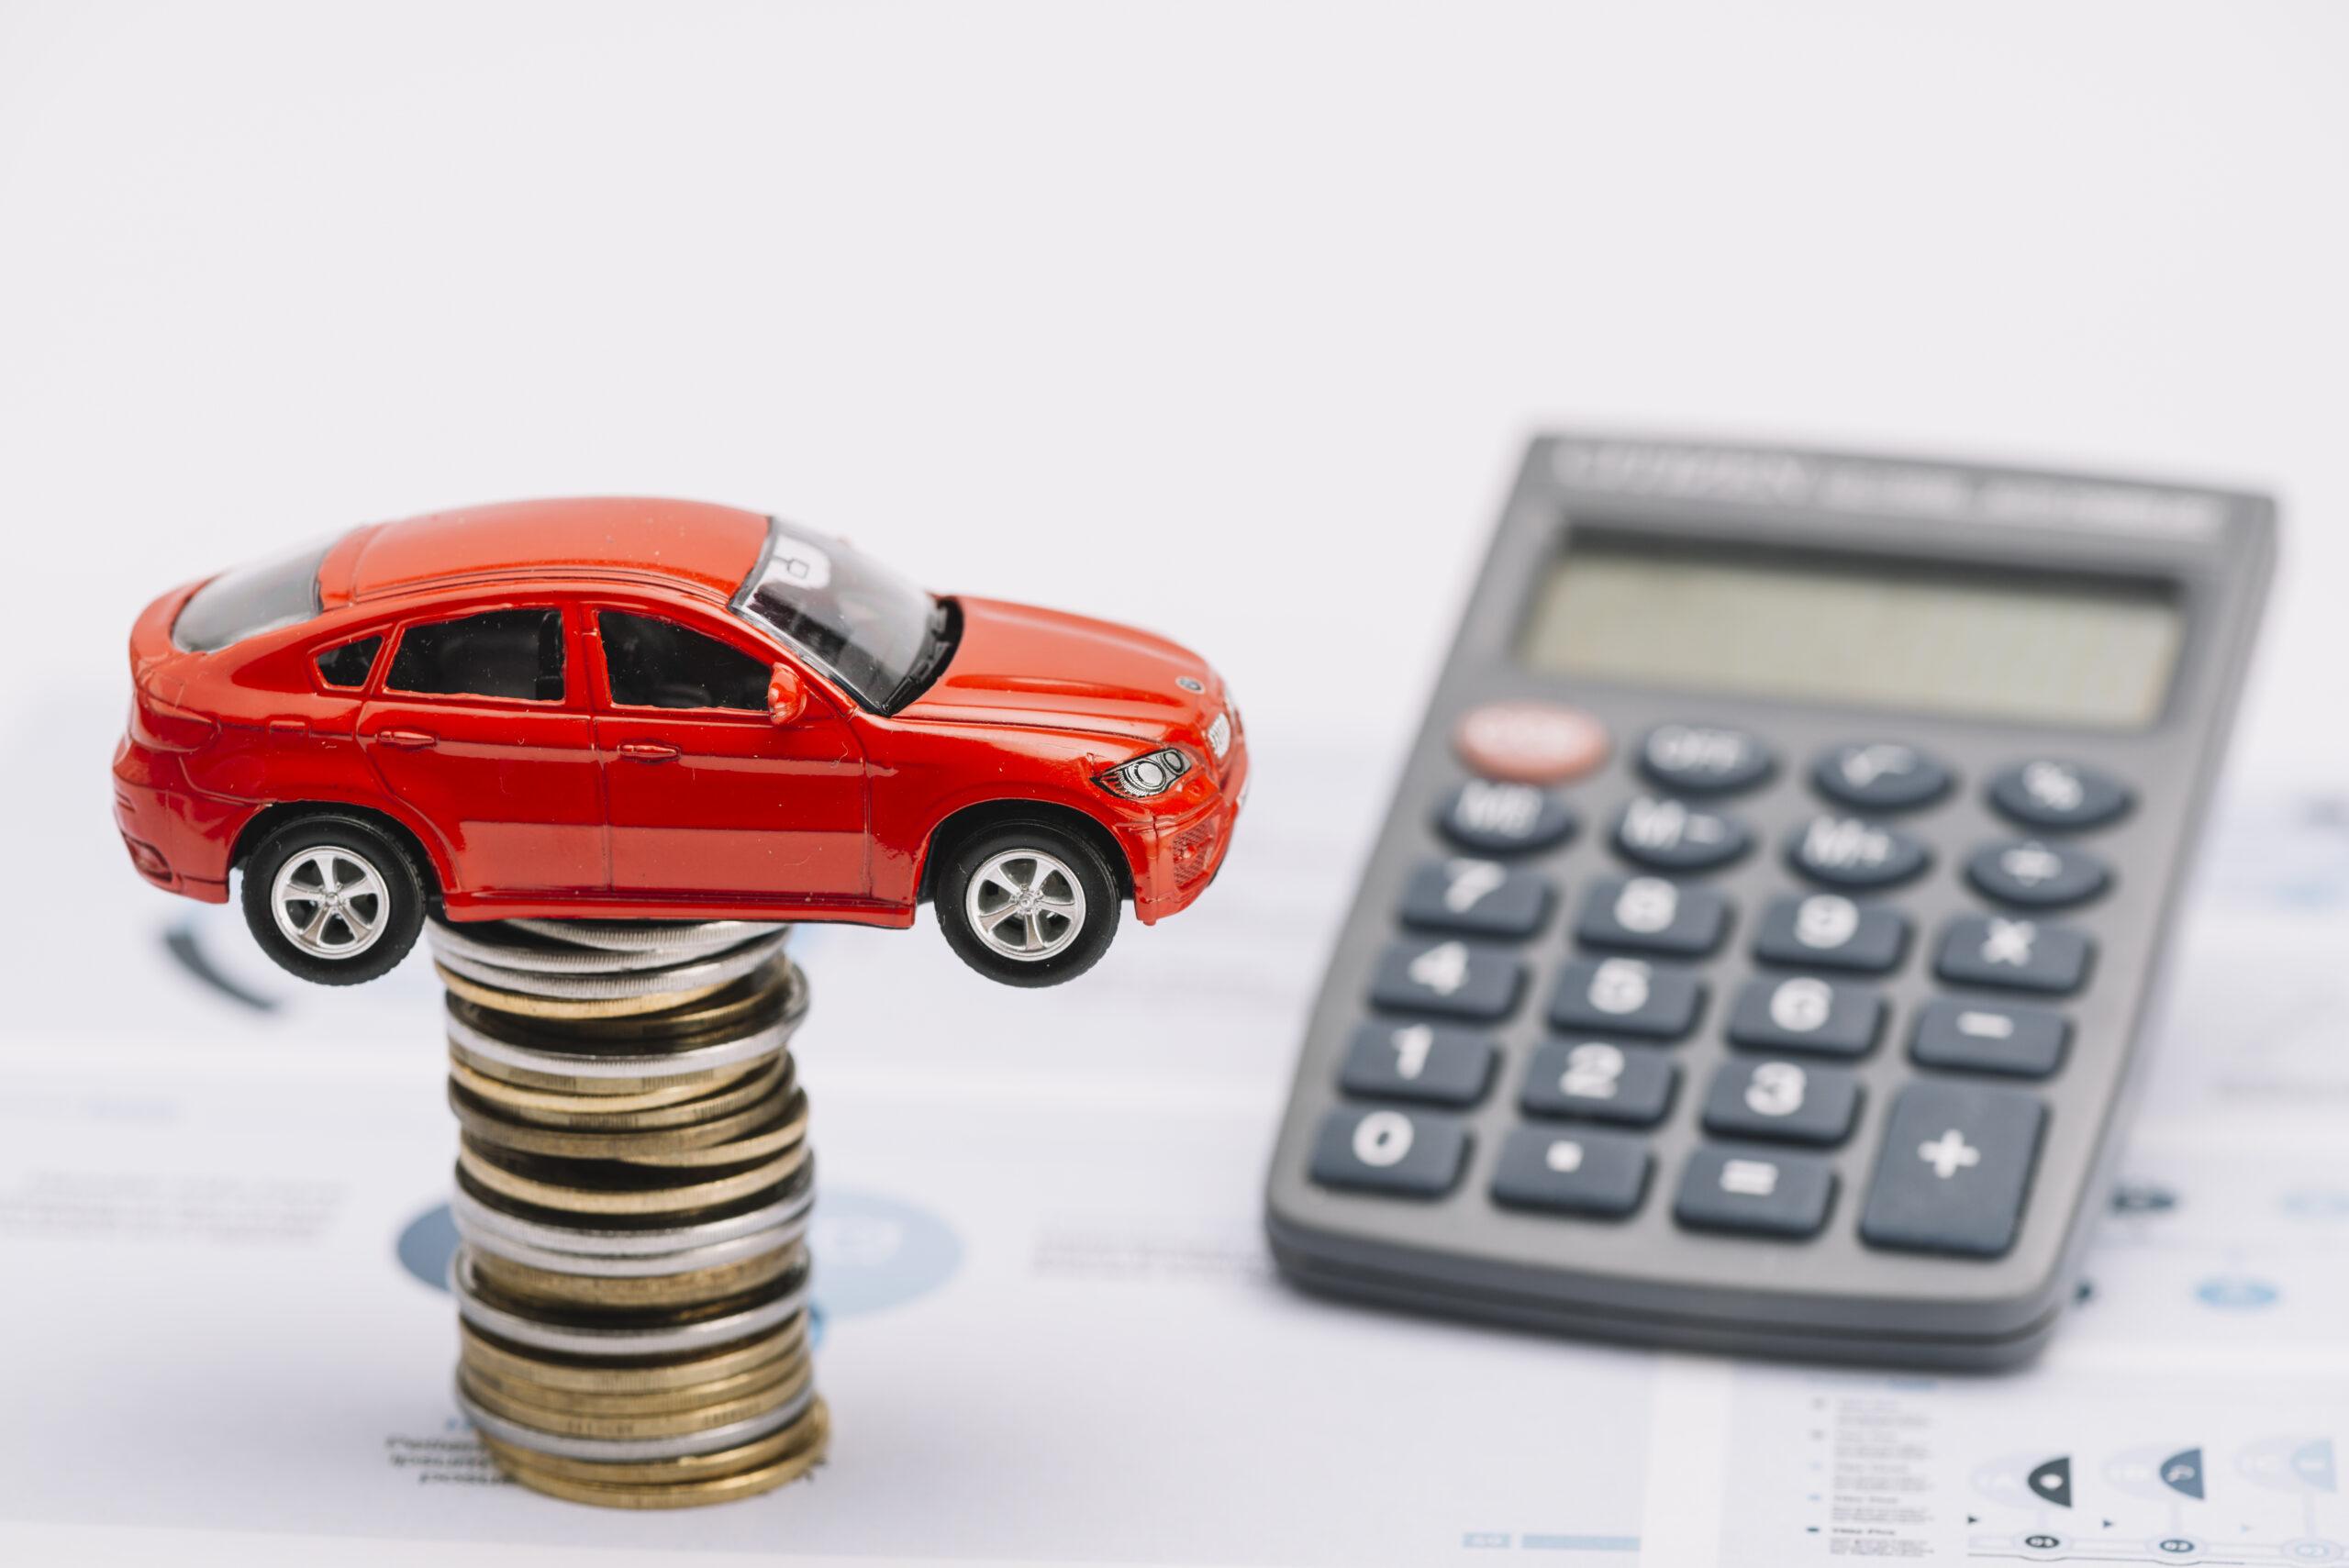 เผยวิธีเพิ่มมูลค่ารถยนต์ของคุณก่อนประกาศขายในตลาดรถมือสอง!